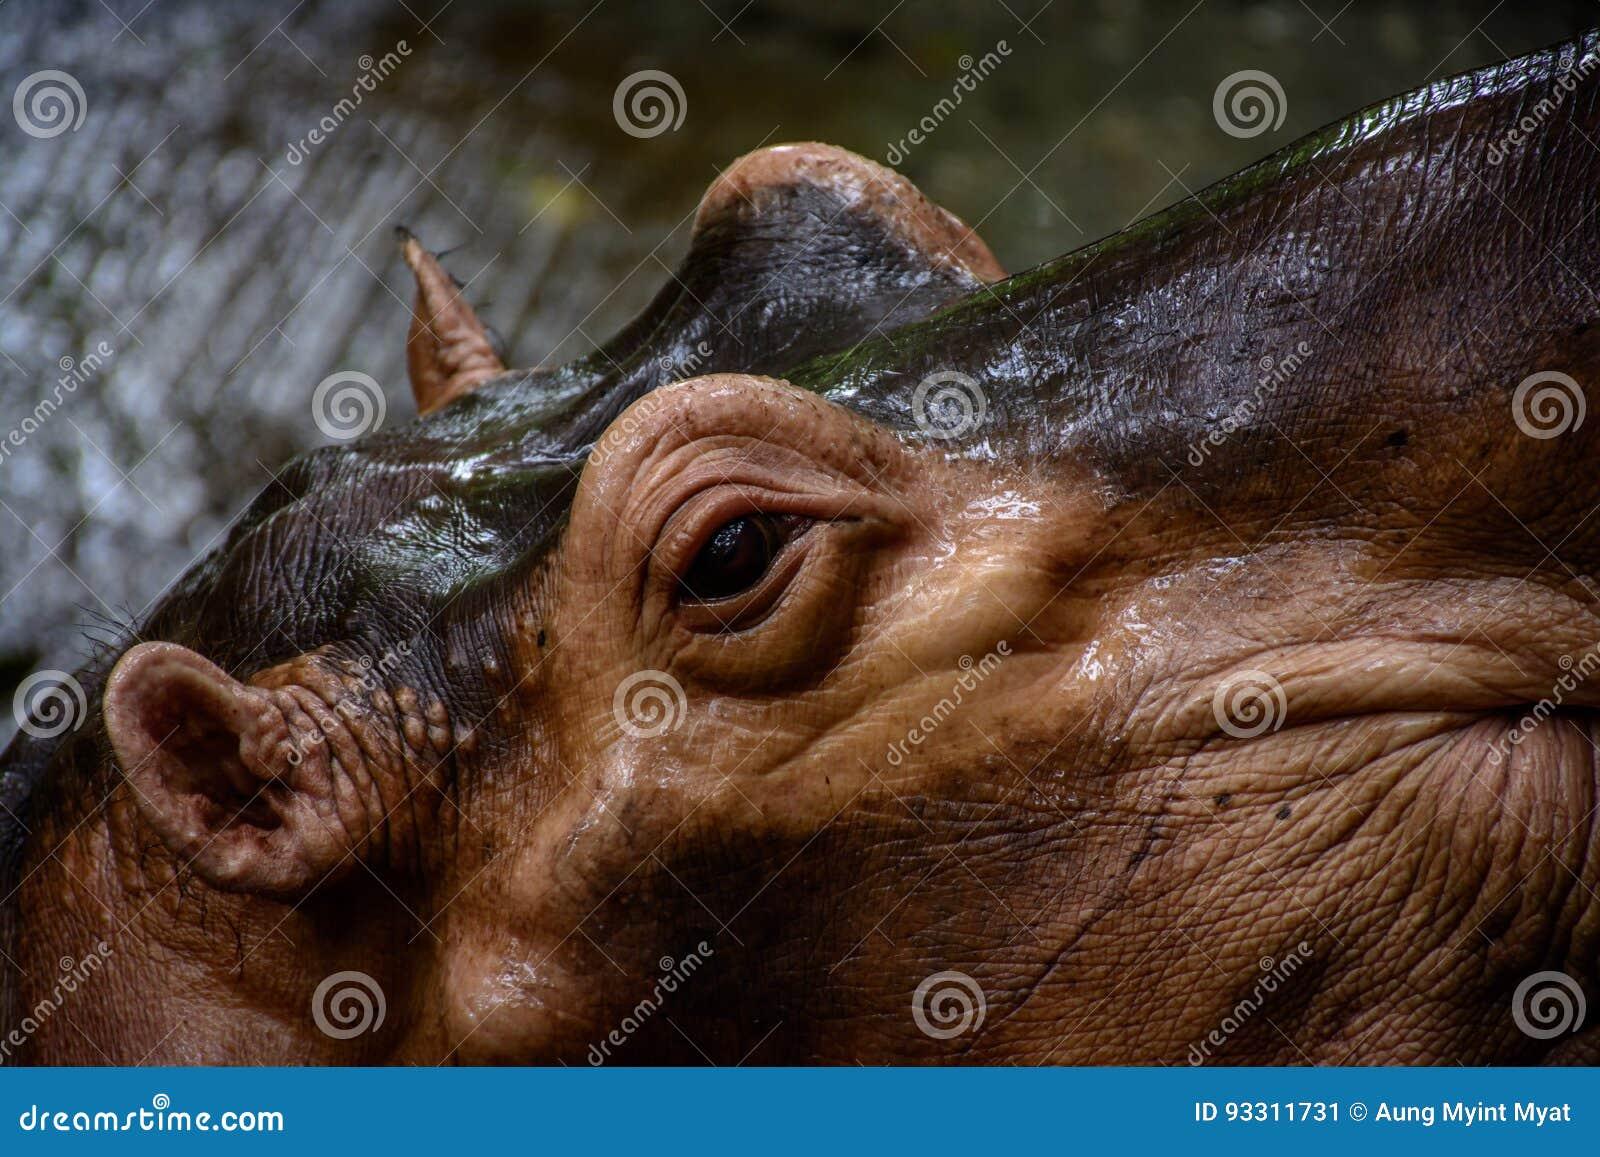 Бегемот в зоопарке, Мьянма